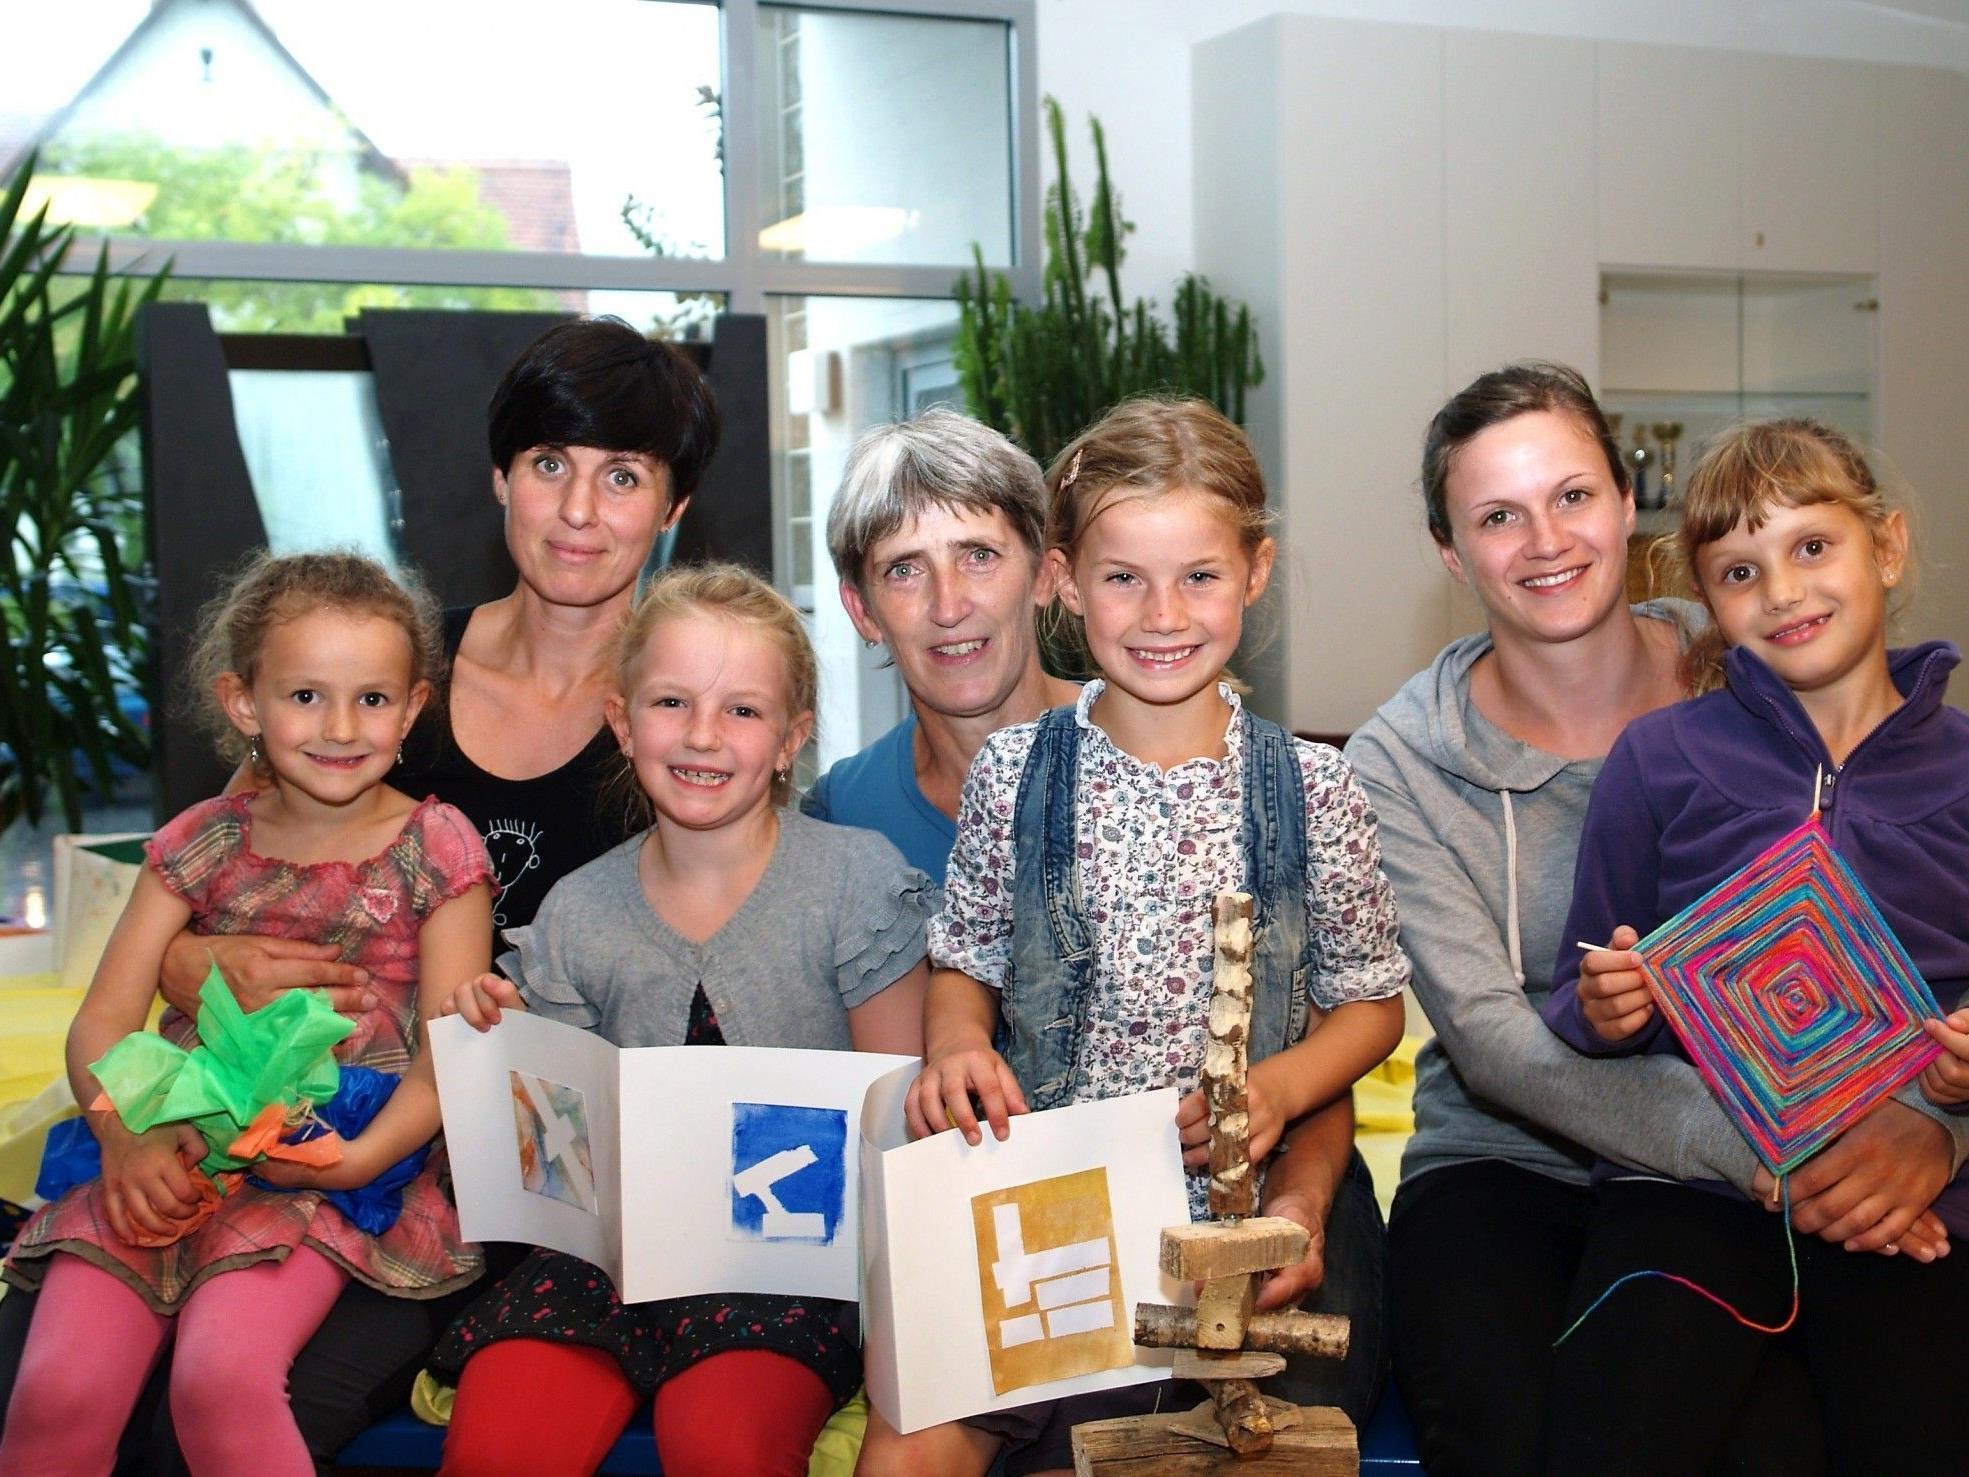 Irene Christof, Dorothea Ebner und Verena Dobler mit einigen Kindern bei der Abschlussveranstaltung.